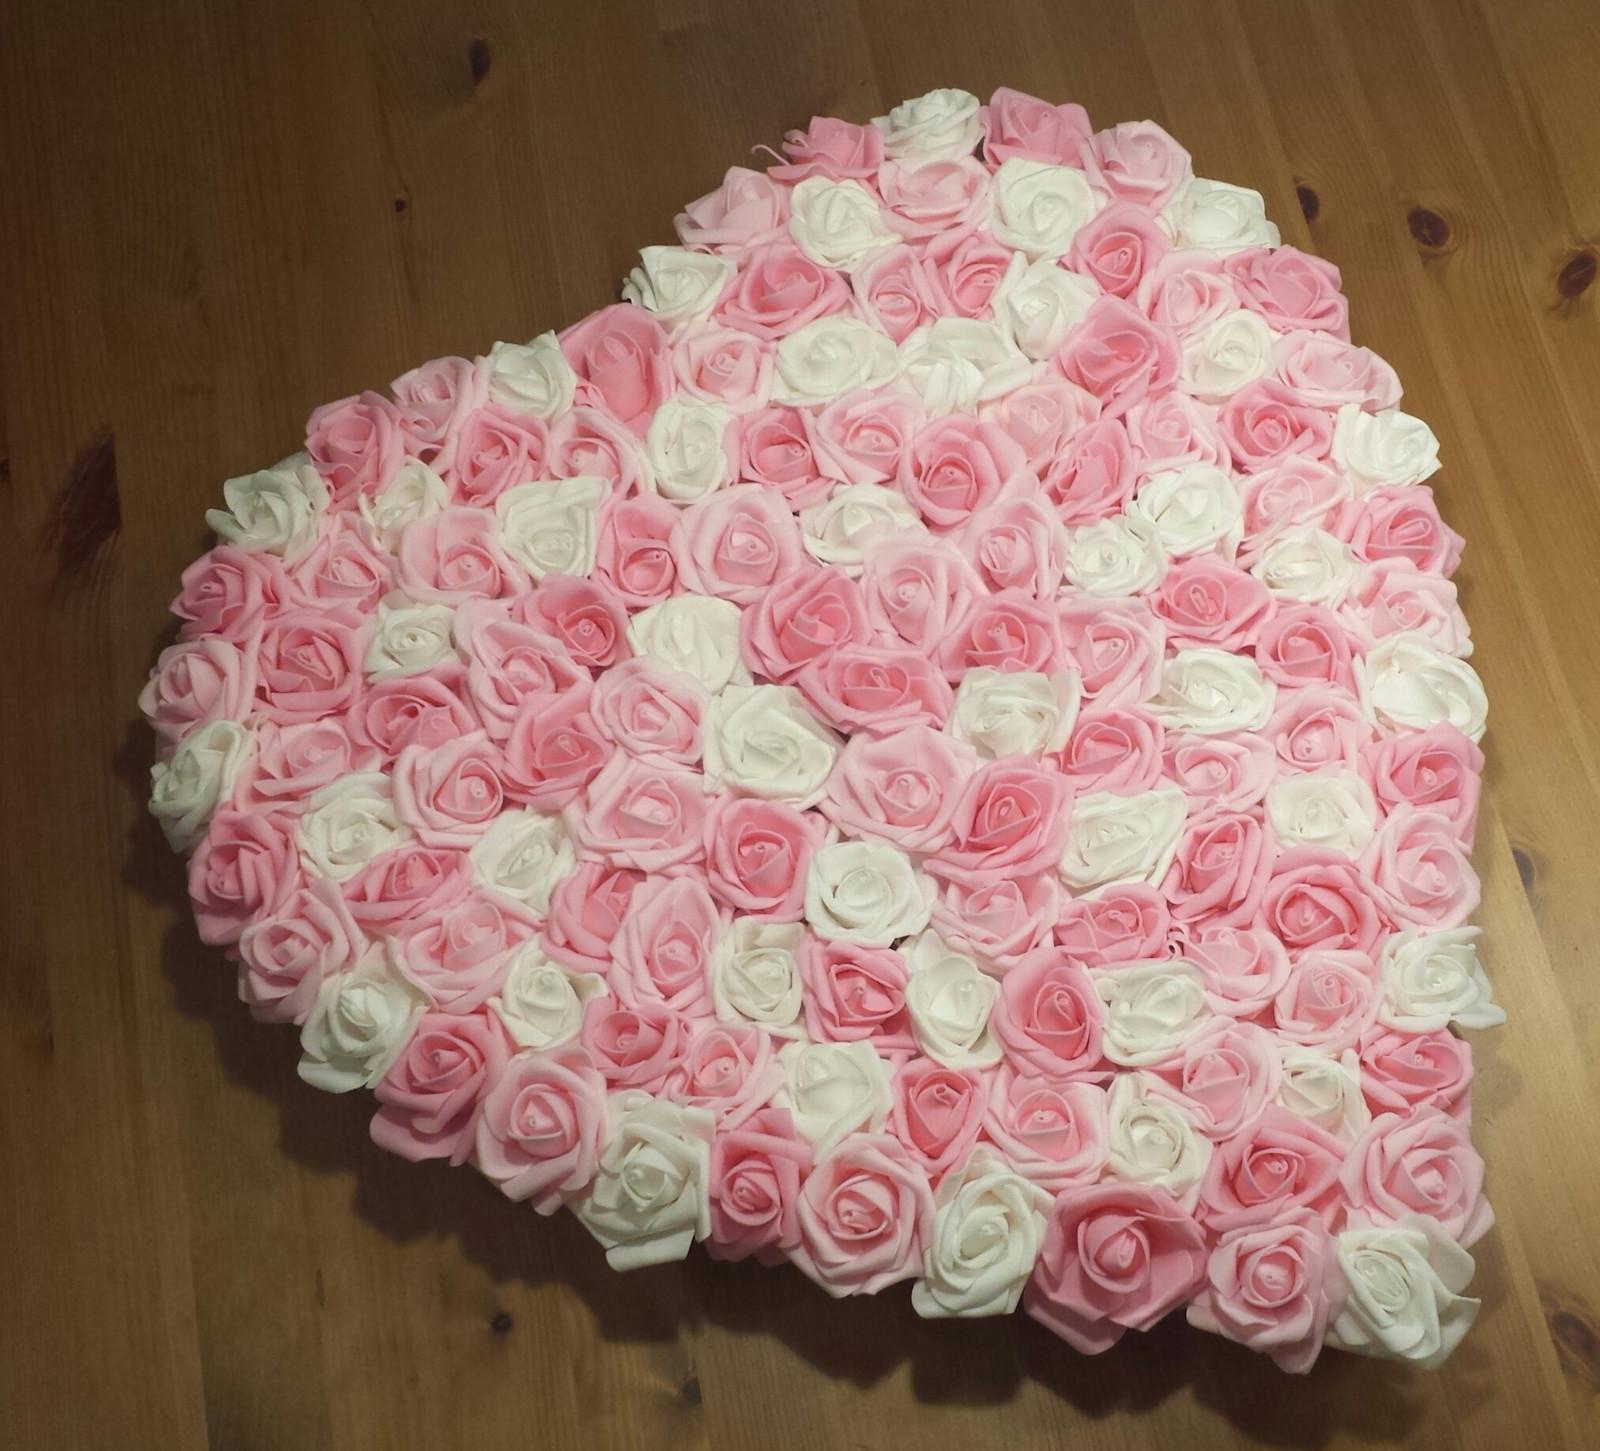 Plné srdce na kapotu odstíny růžové - Obrázek č. 1